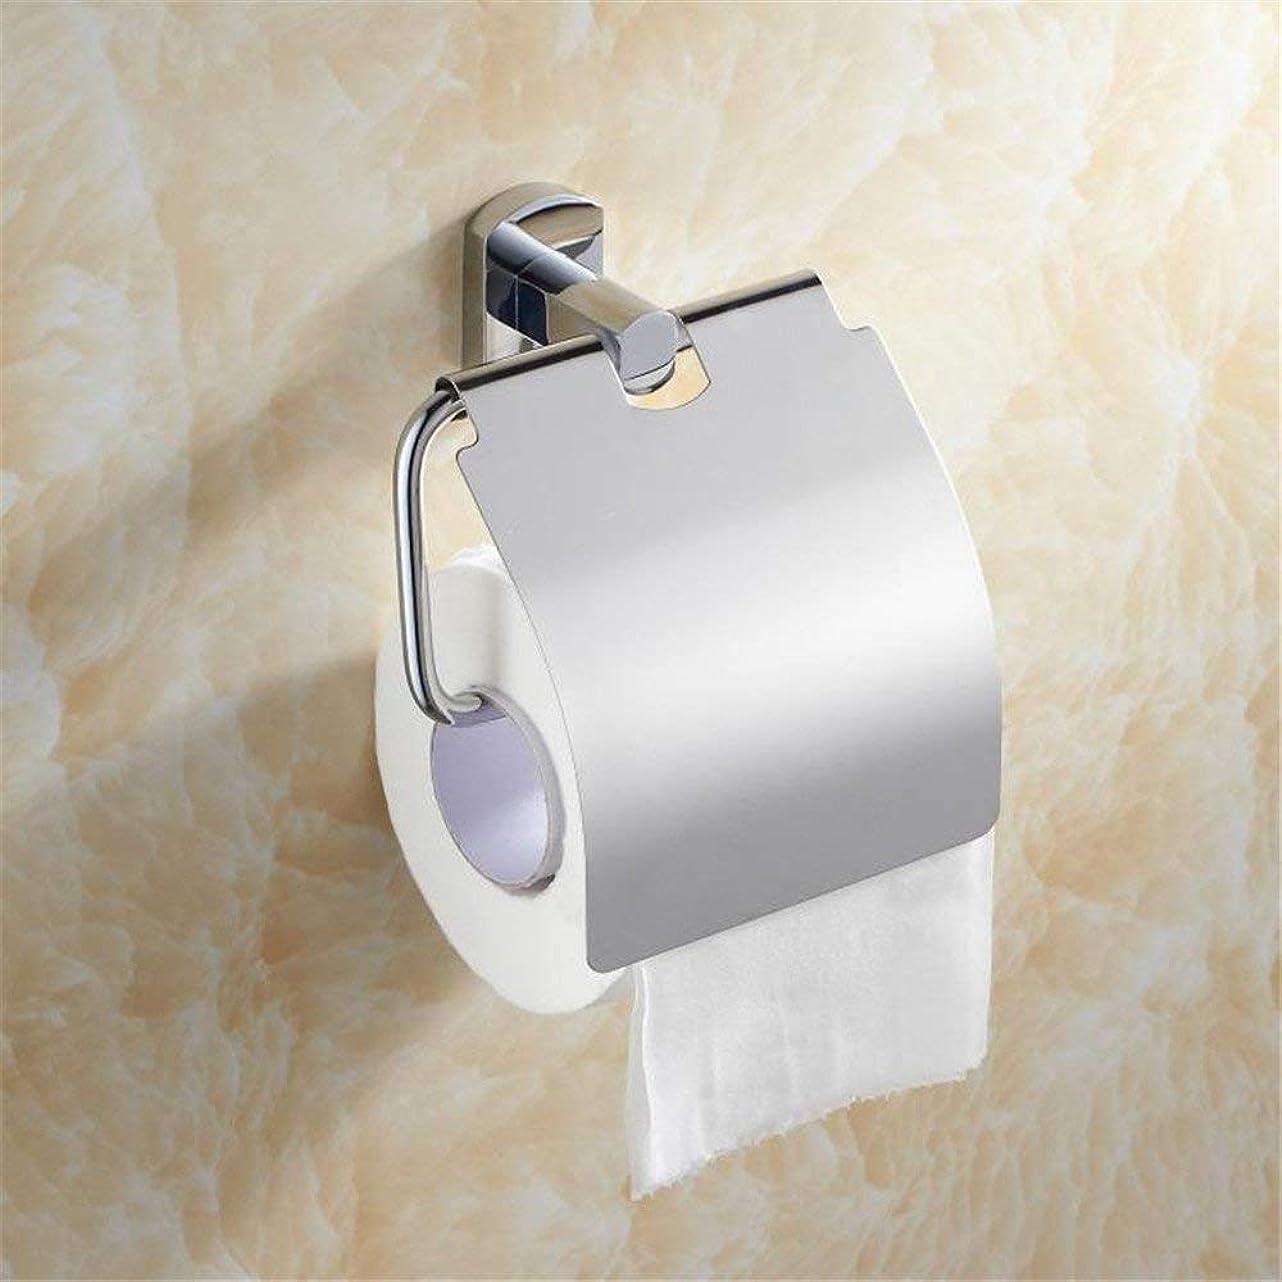 乏しい九羊飼いXD 浴室トイレ半オープンハンドカートンロール紙ラックトイレティッシュホルダー寝室のキッチンペーパーホルダー